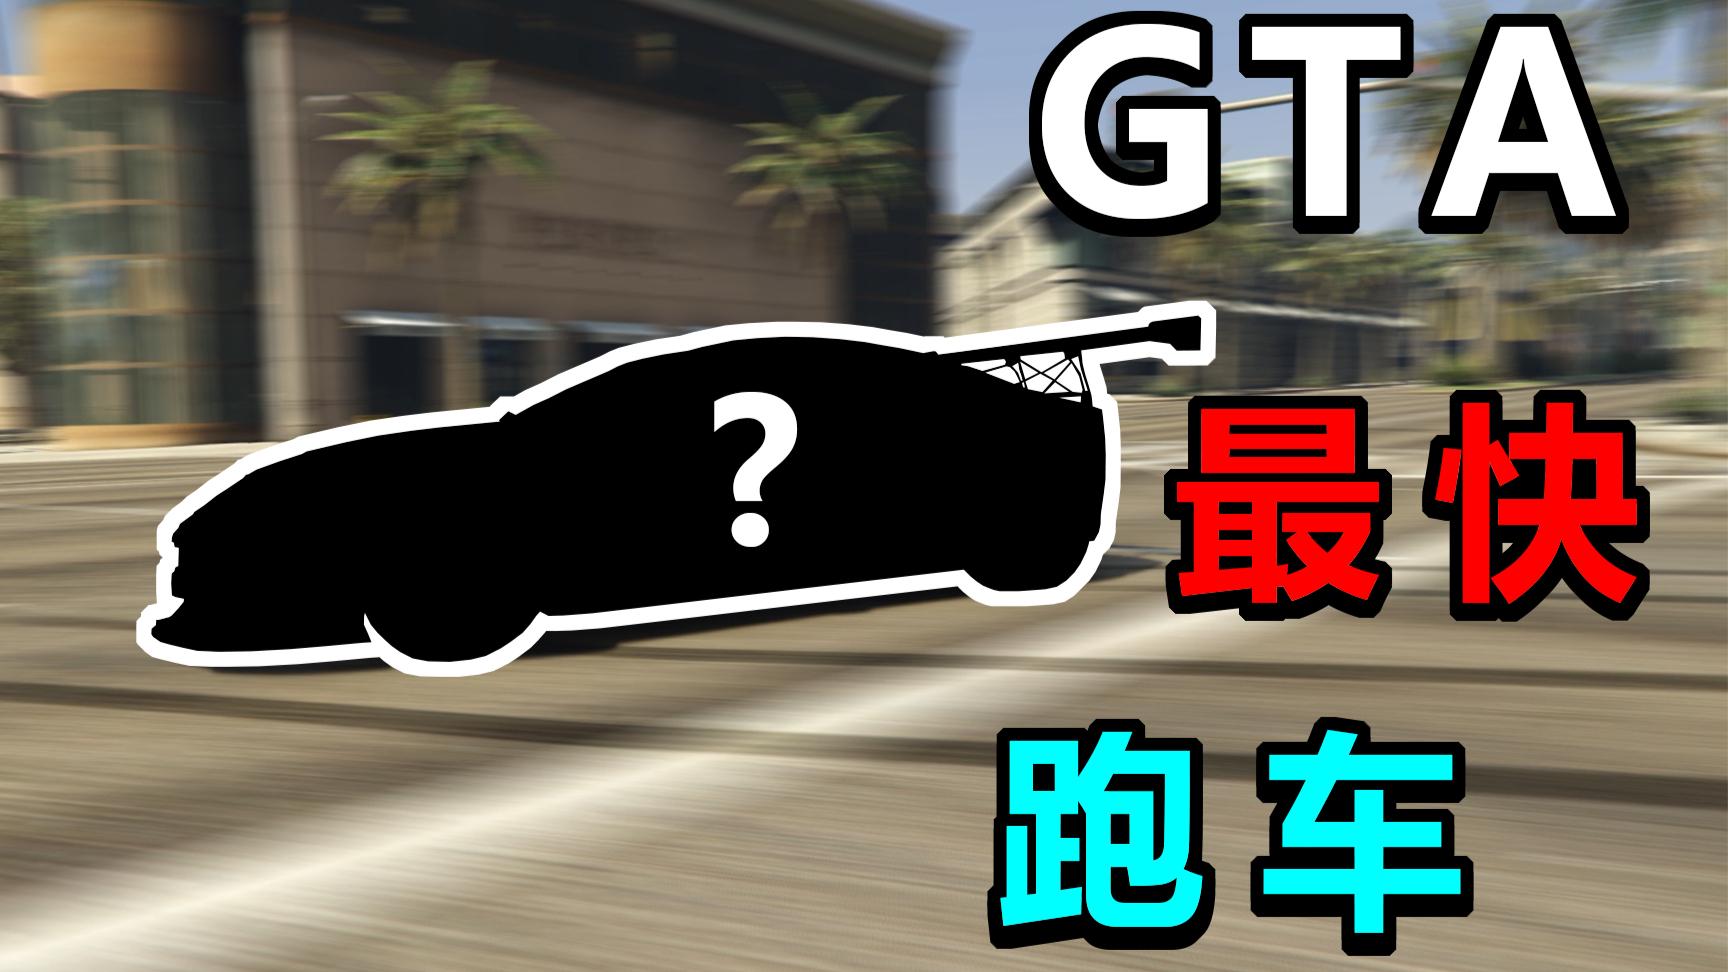 【GTA5】谁才是最快的跑车?GTA5 2020年1.51版本跑车特技赛道详细测试